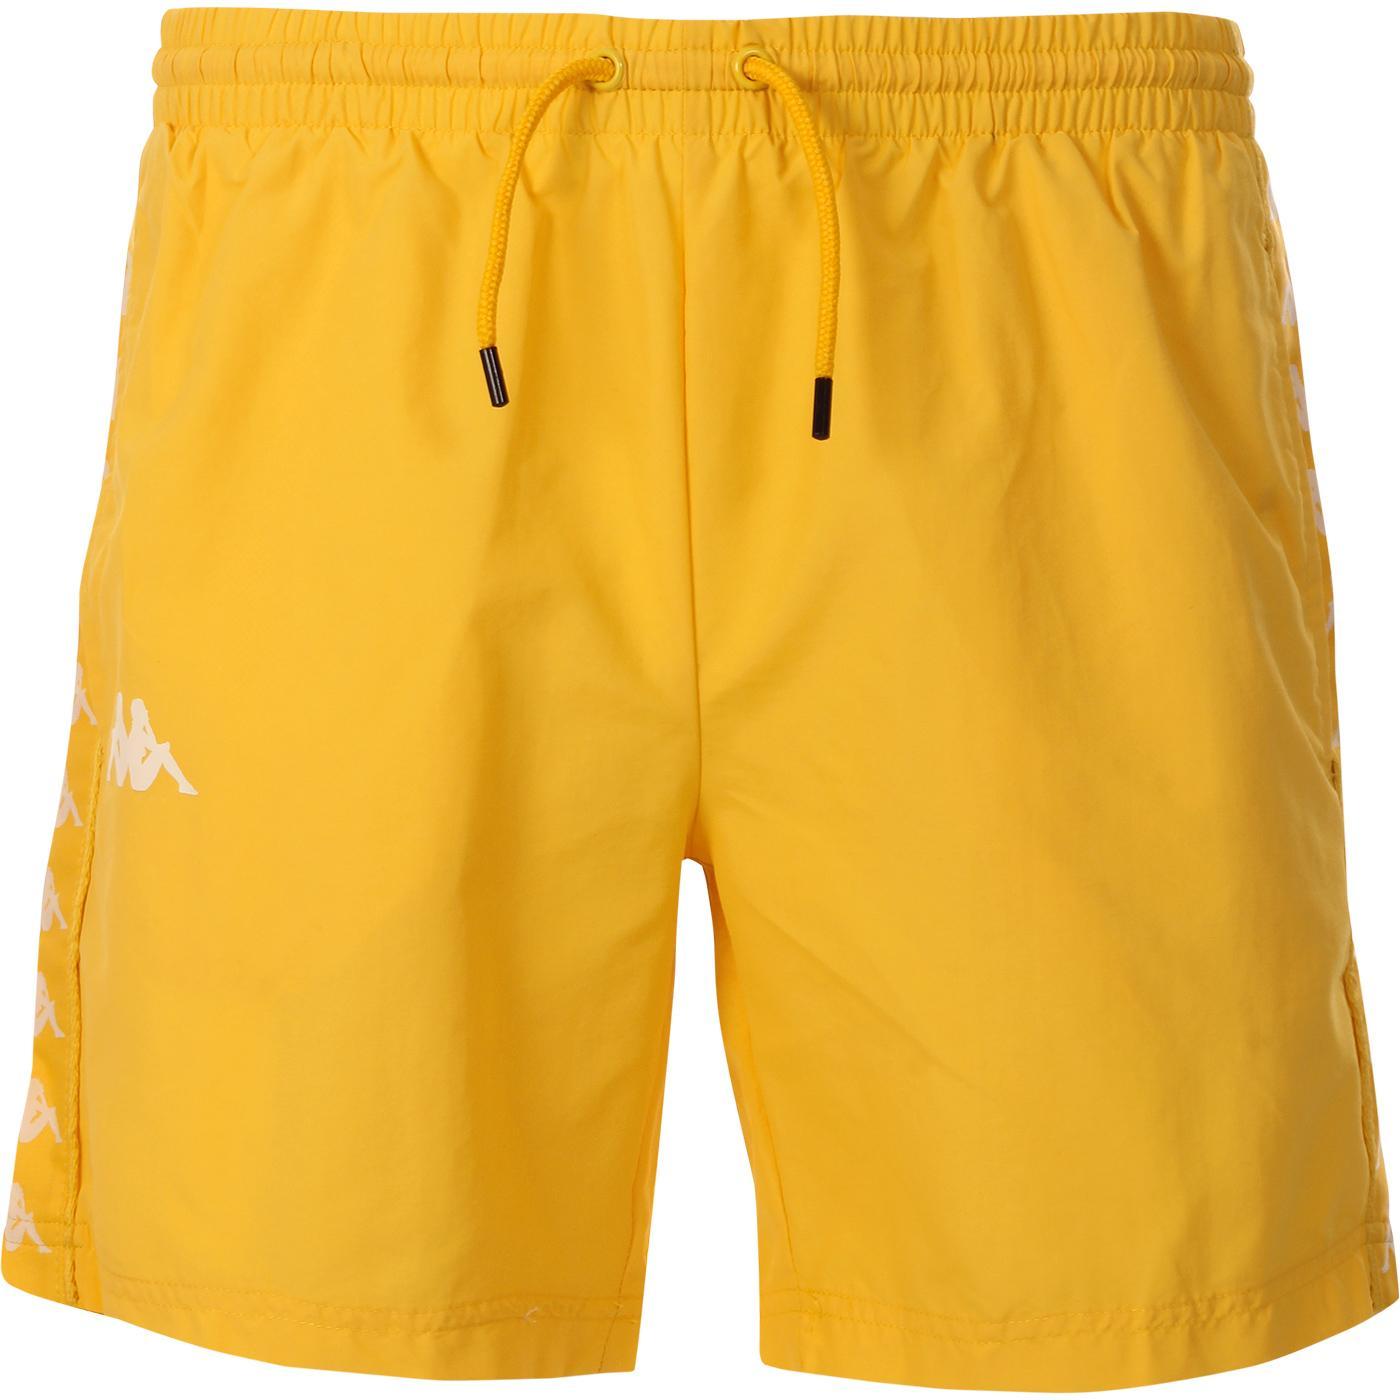 Coney KAPPA 222 Banda Swim Shorts (Yellow/White)